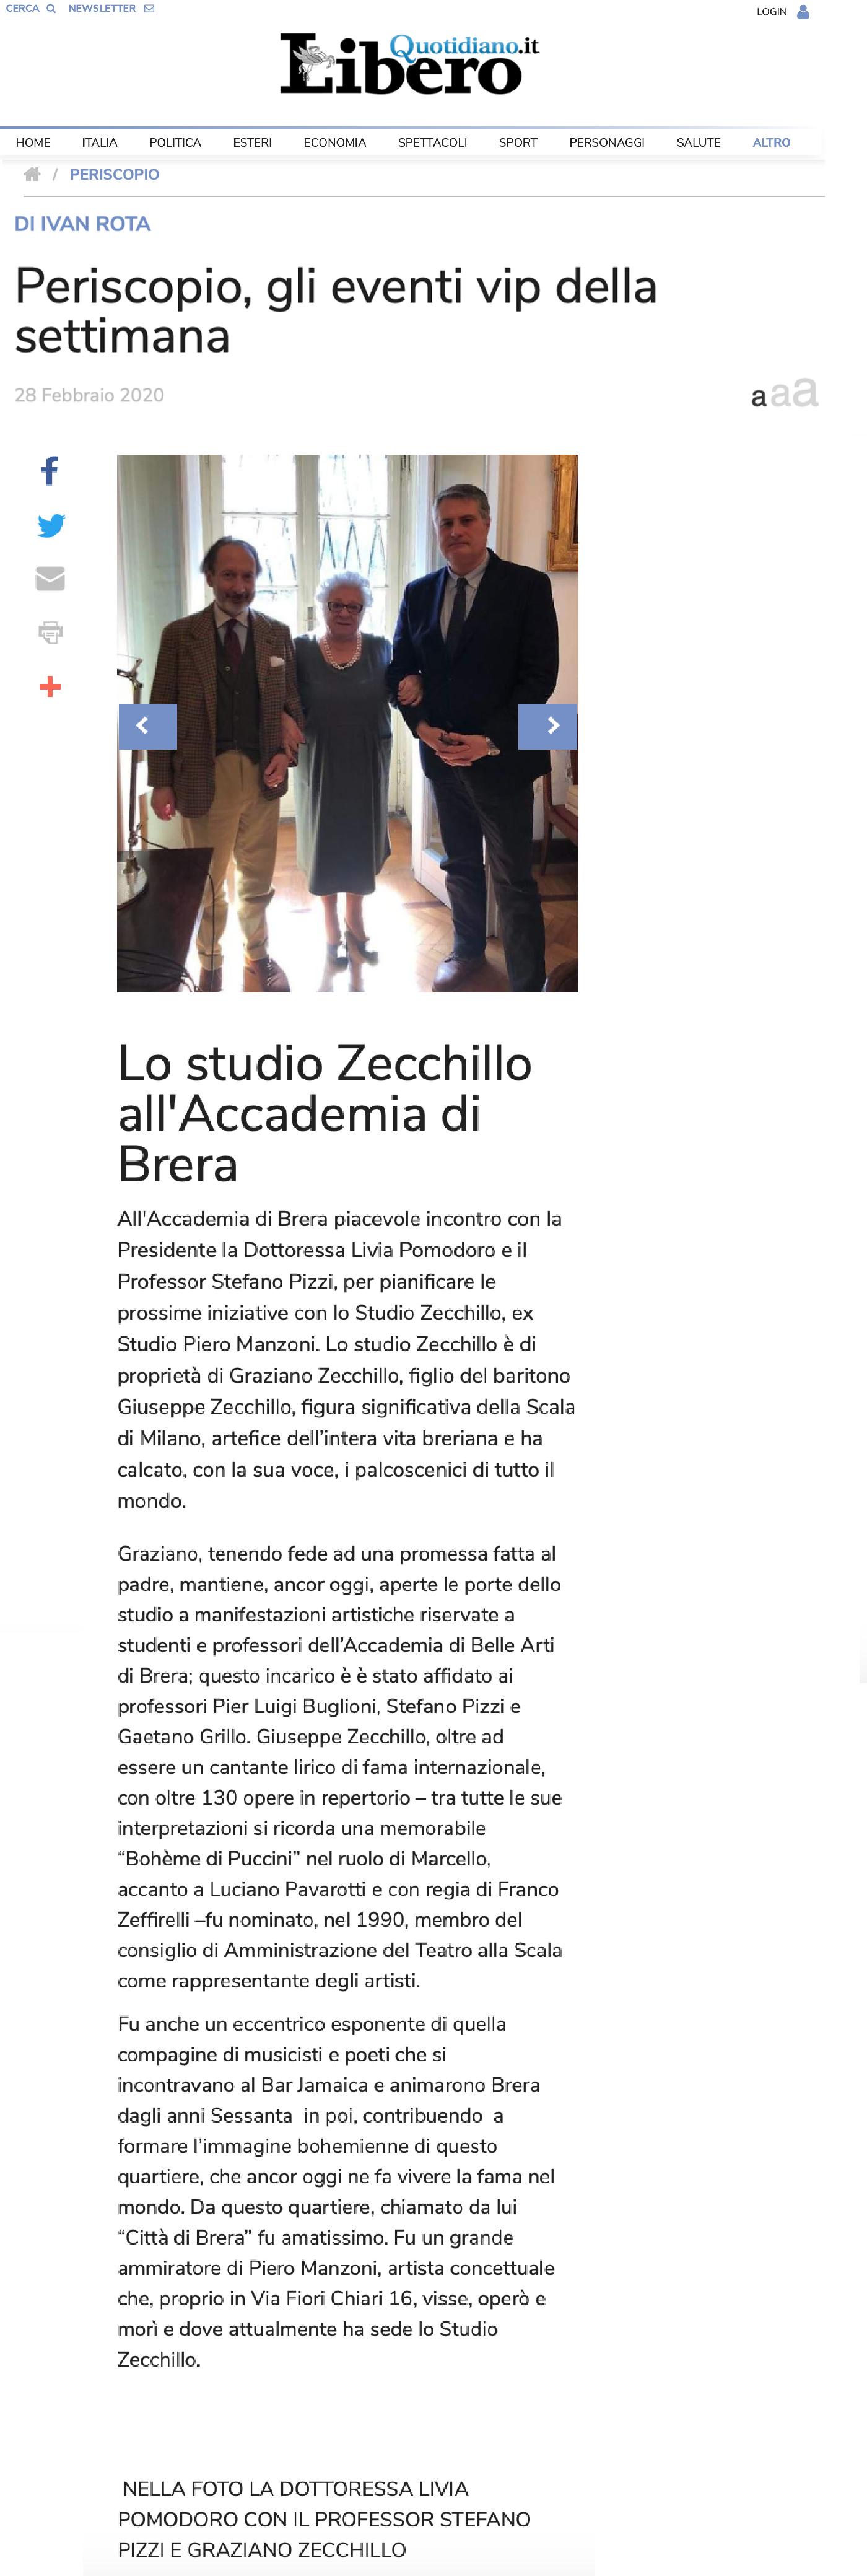 Zecchillo-a-Brera-Pizzi-e-Pomodoro